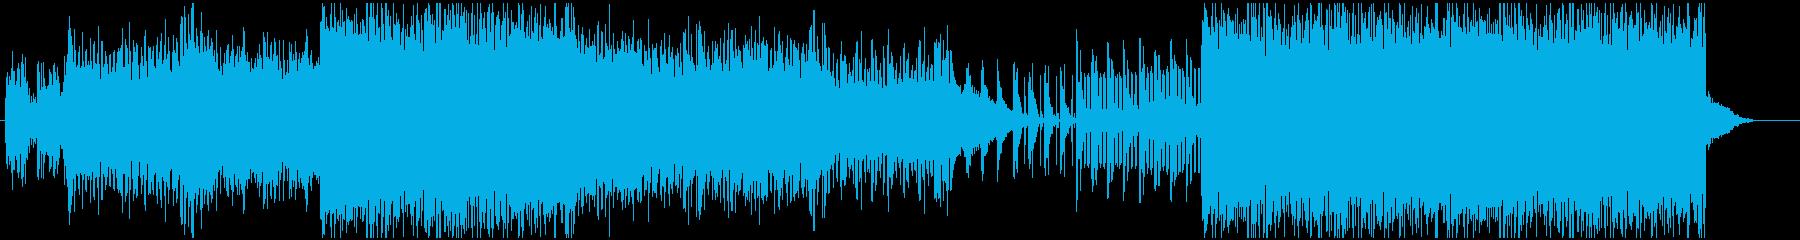 近未来を意識したEDM/Tranceの再生済みの波形